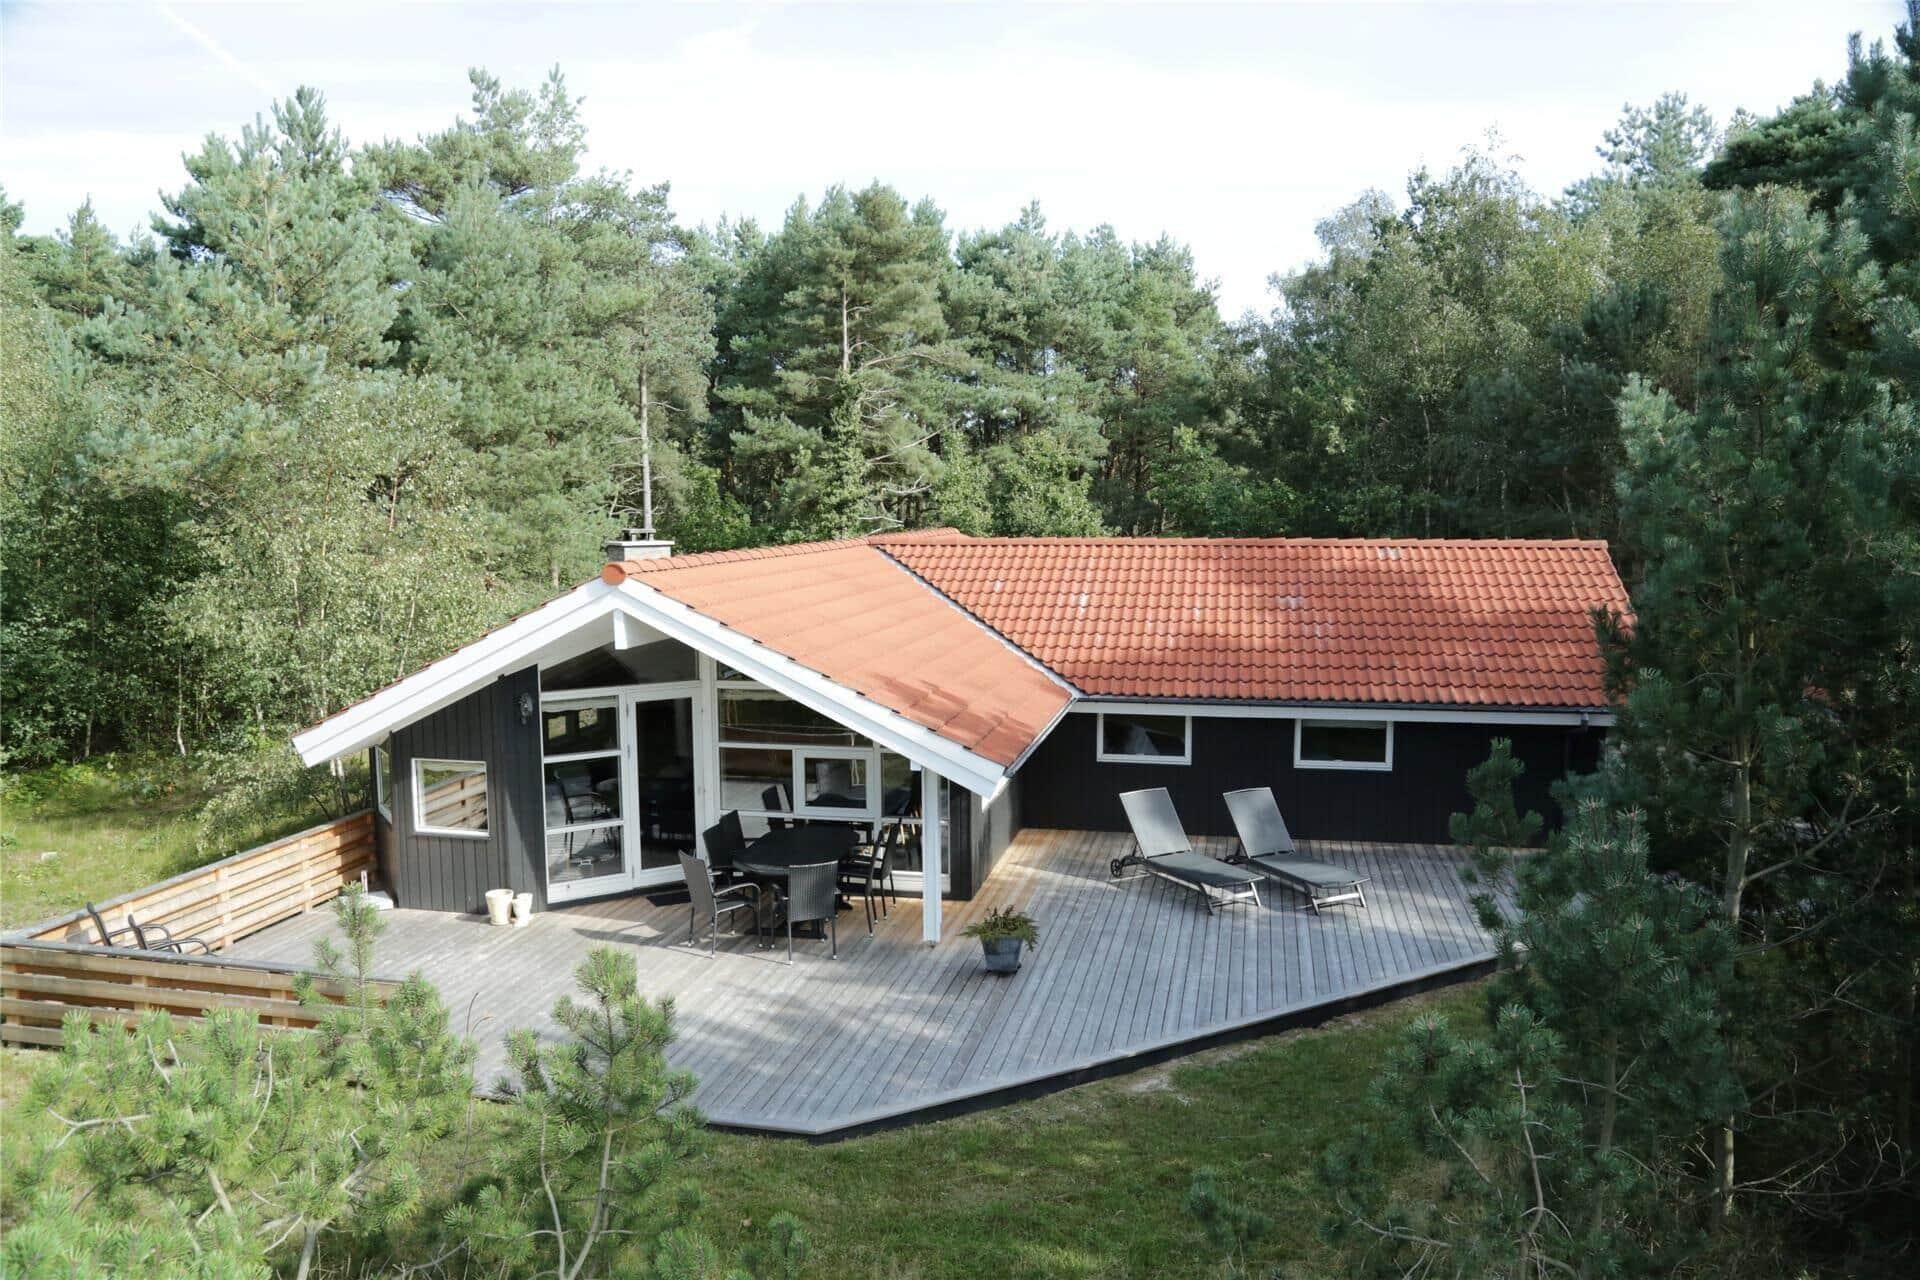 Afbeelding 1-10 Vakantiehuis 1506, Lyngvejen 36, DK - 3720 Aakirkeby